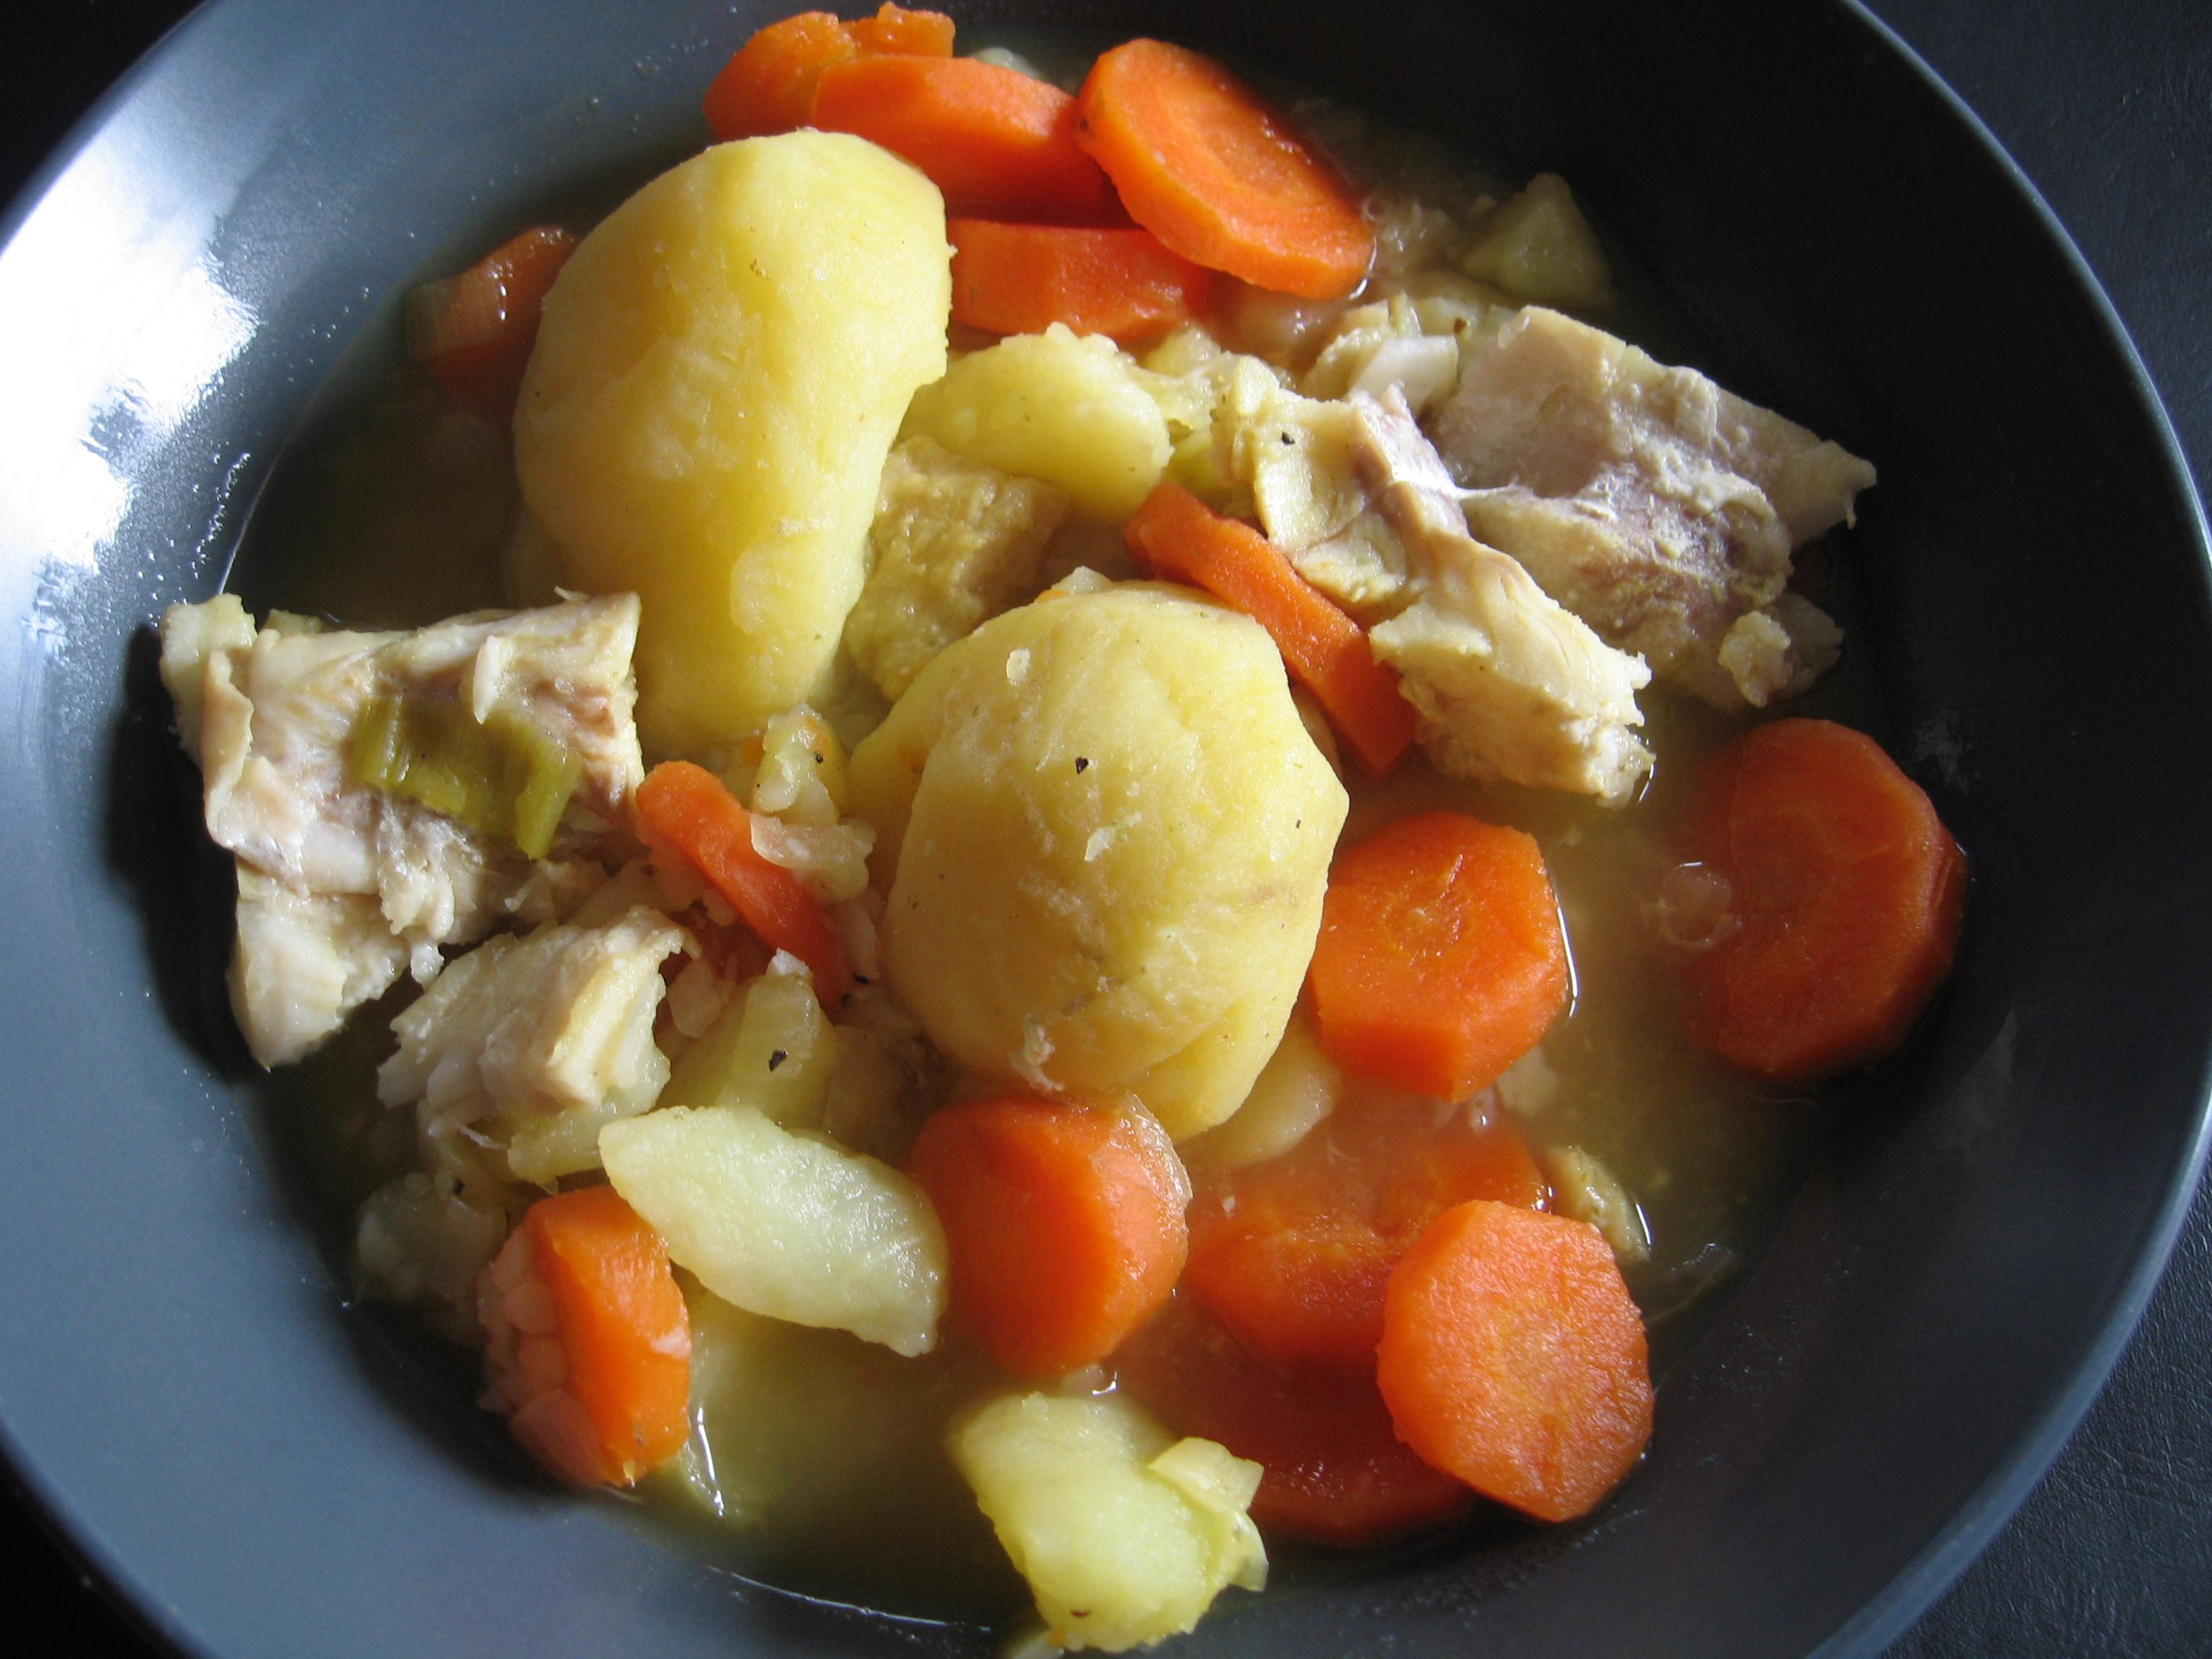 Torsk- och potatisgryta